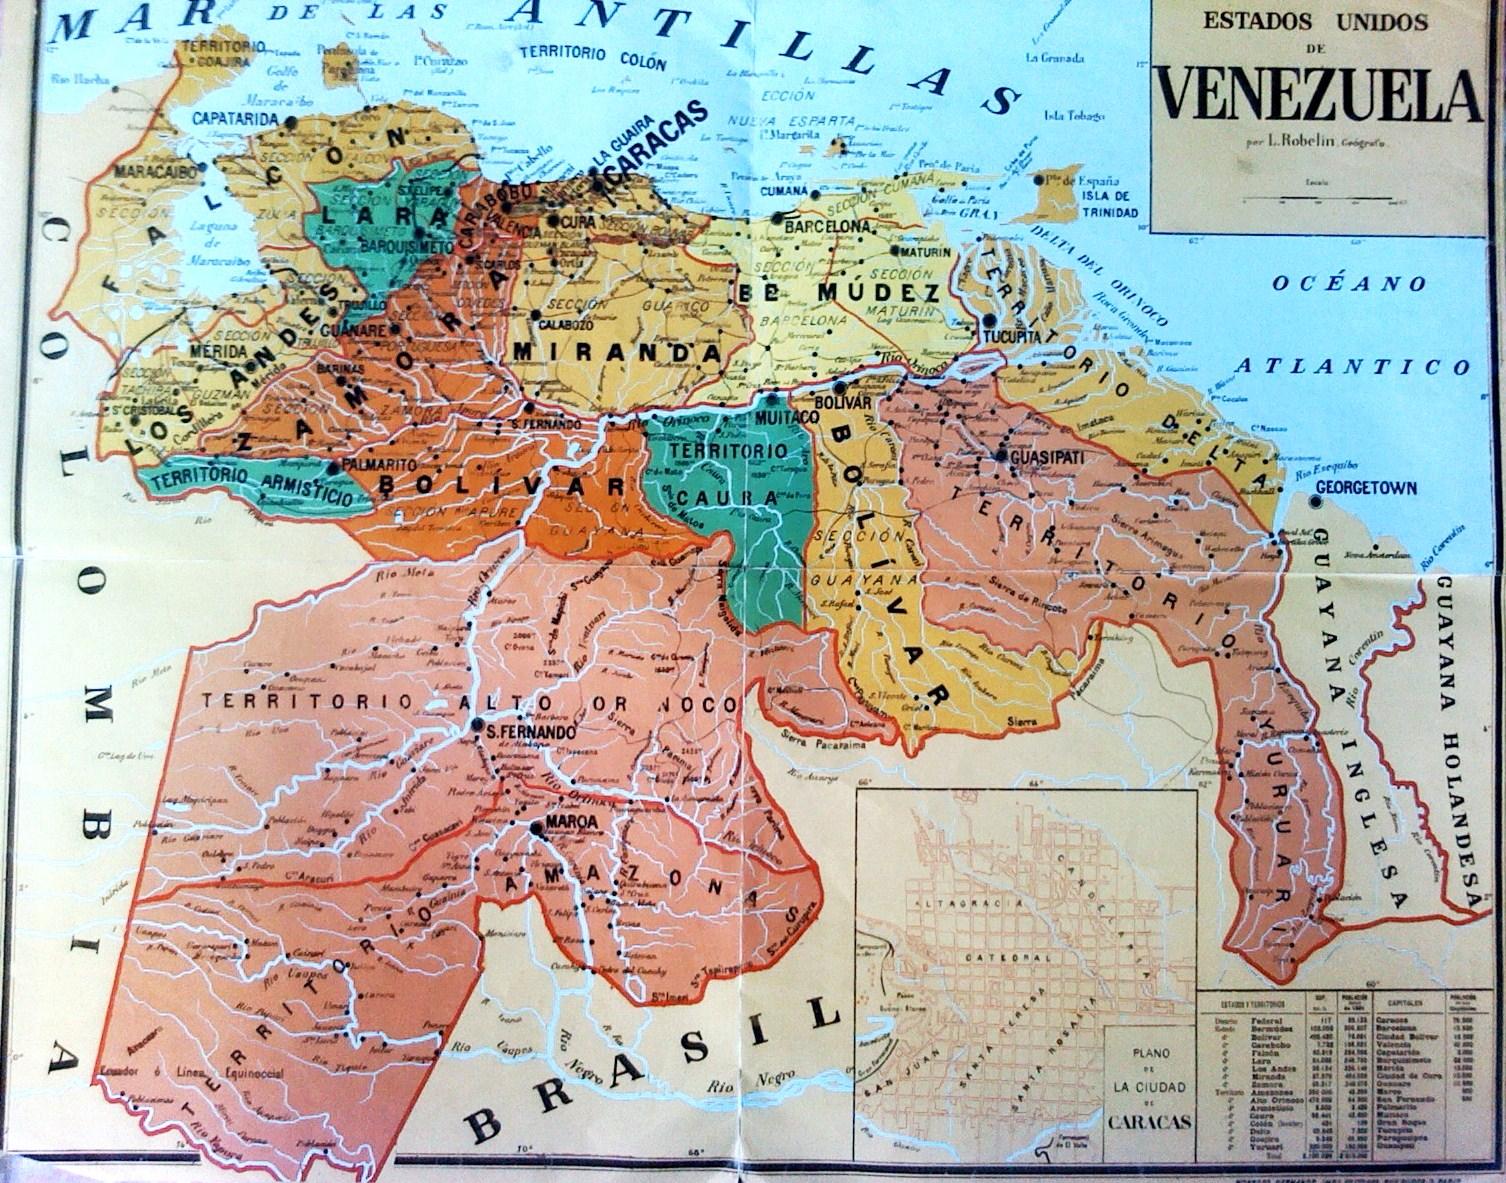 Dinamicauniversal: Mapa de los Estados Unidos de Venezuela, 1822